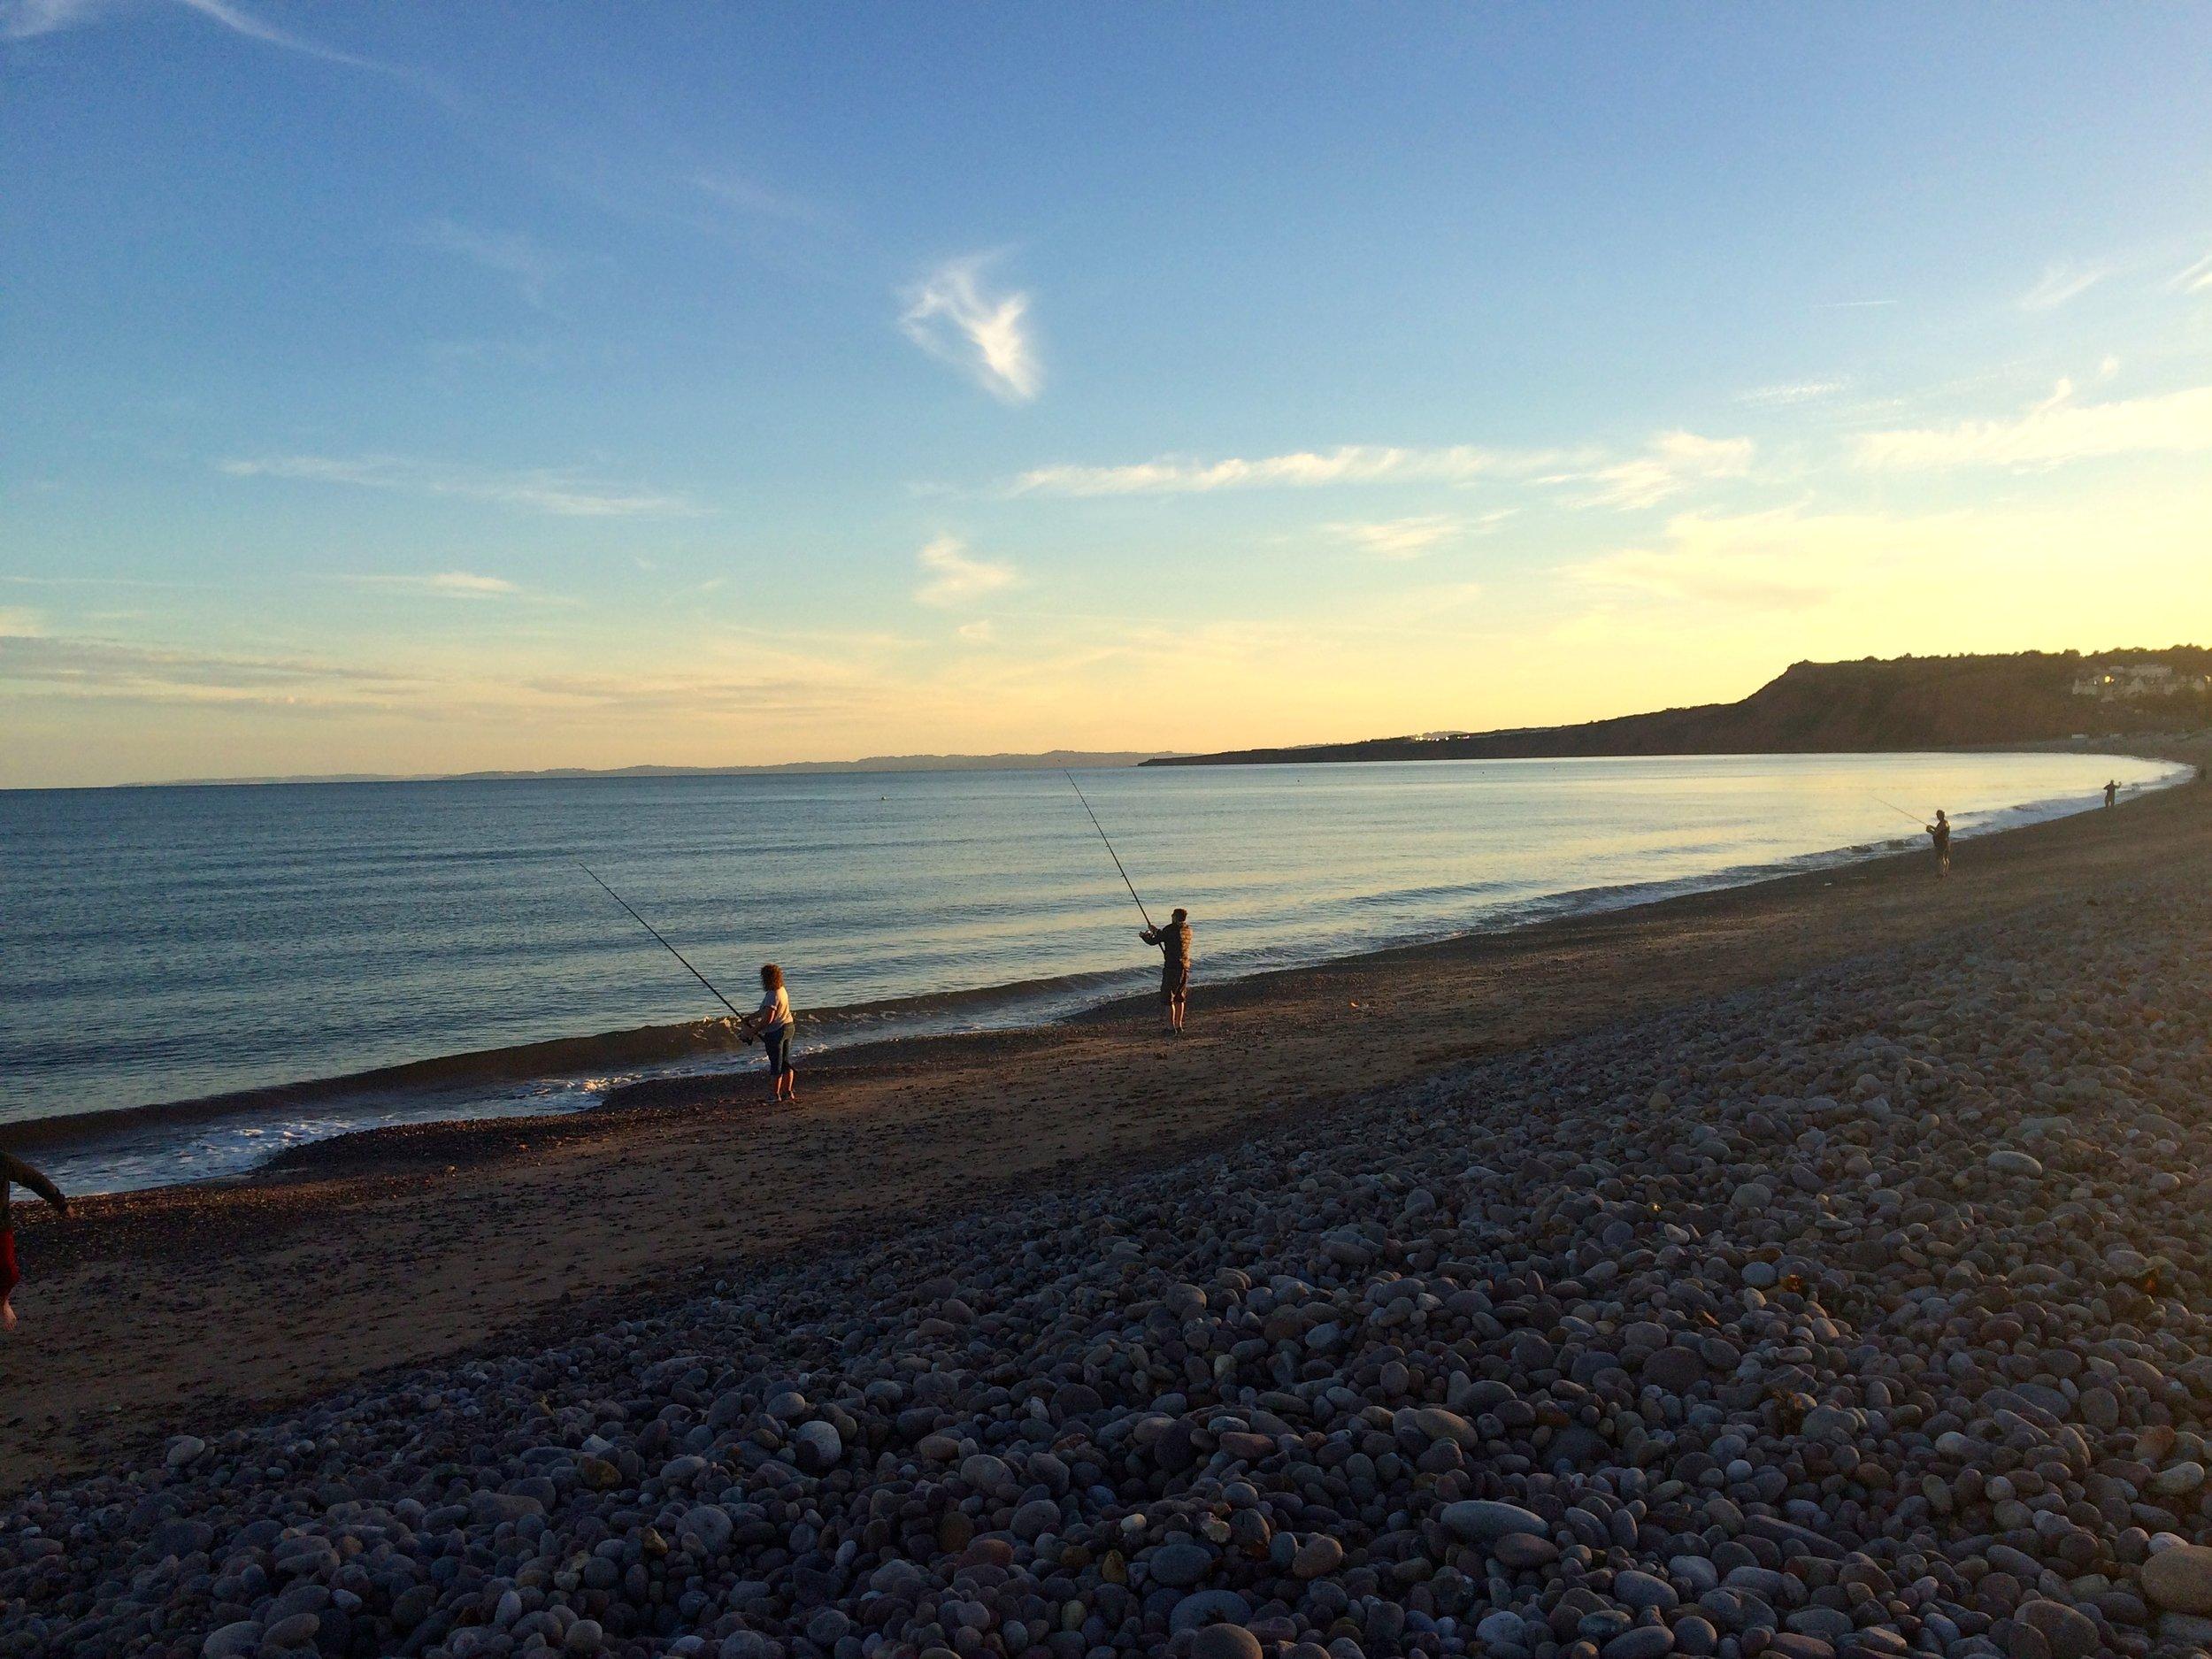 budleigh salterton beach at sunset